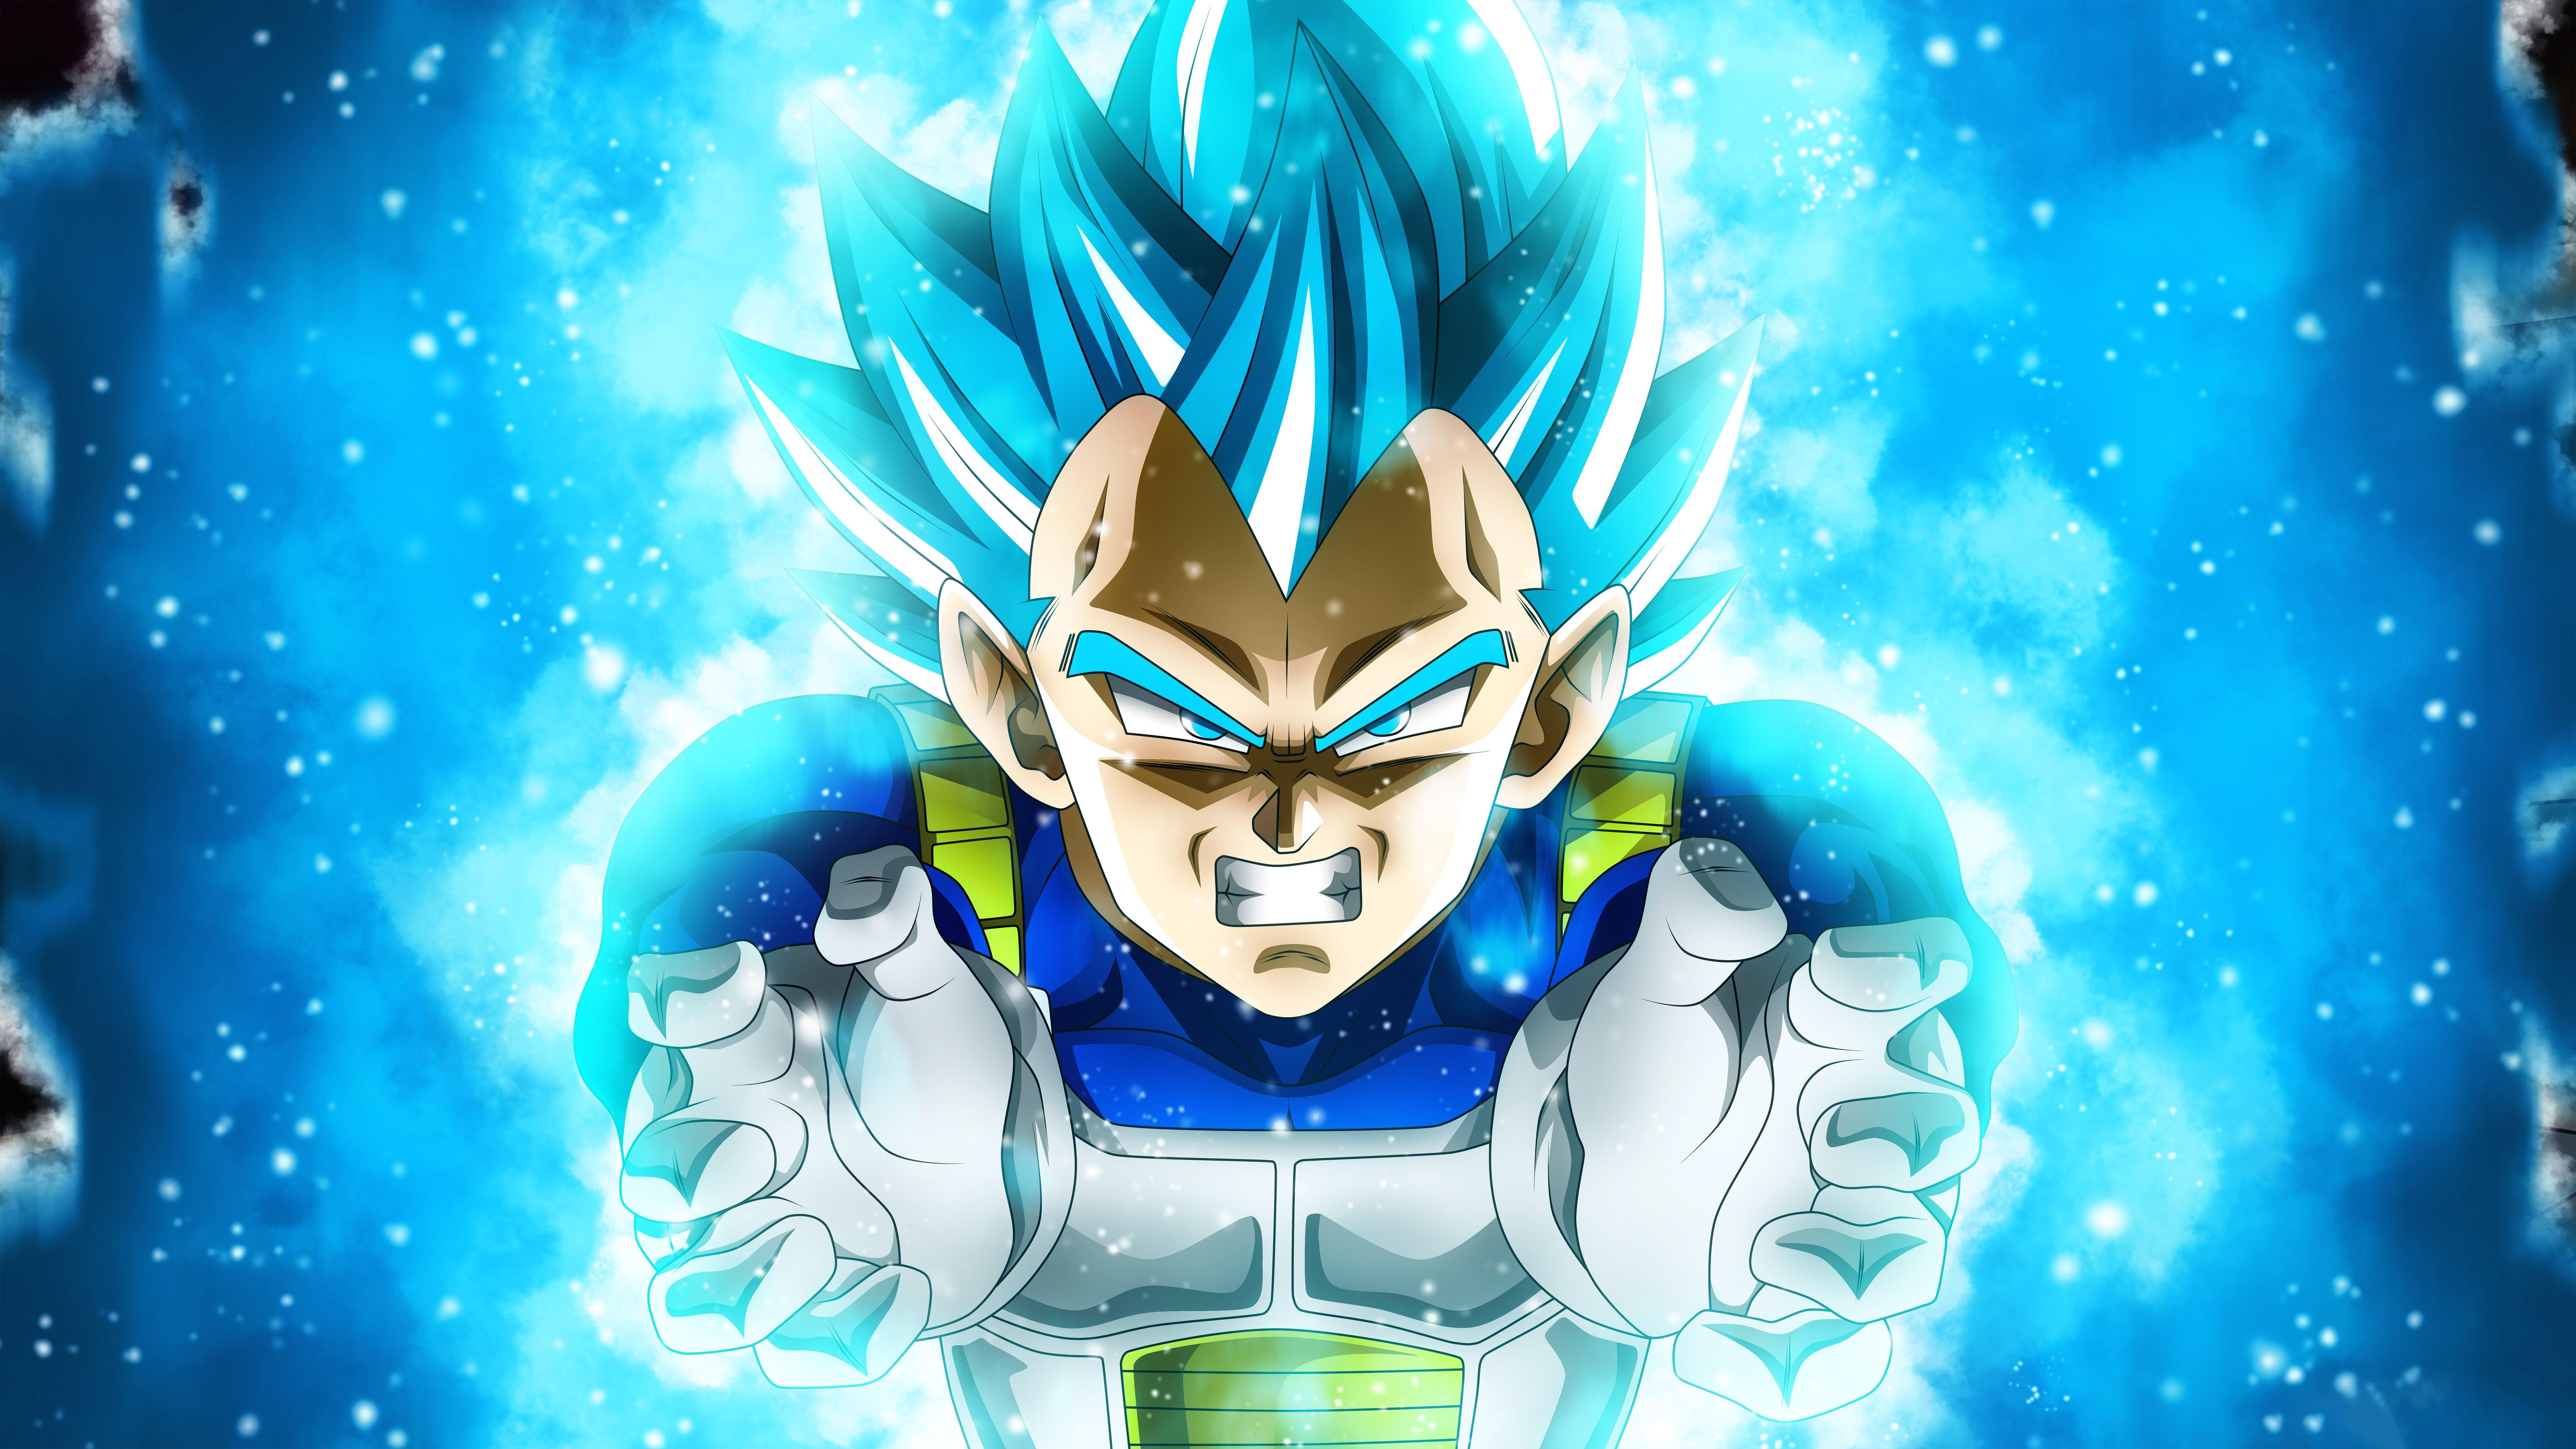 Fondos de pantalla Anime Vegeta Super Saiyan Blue de Dragon Ball Super